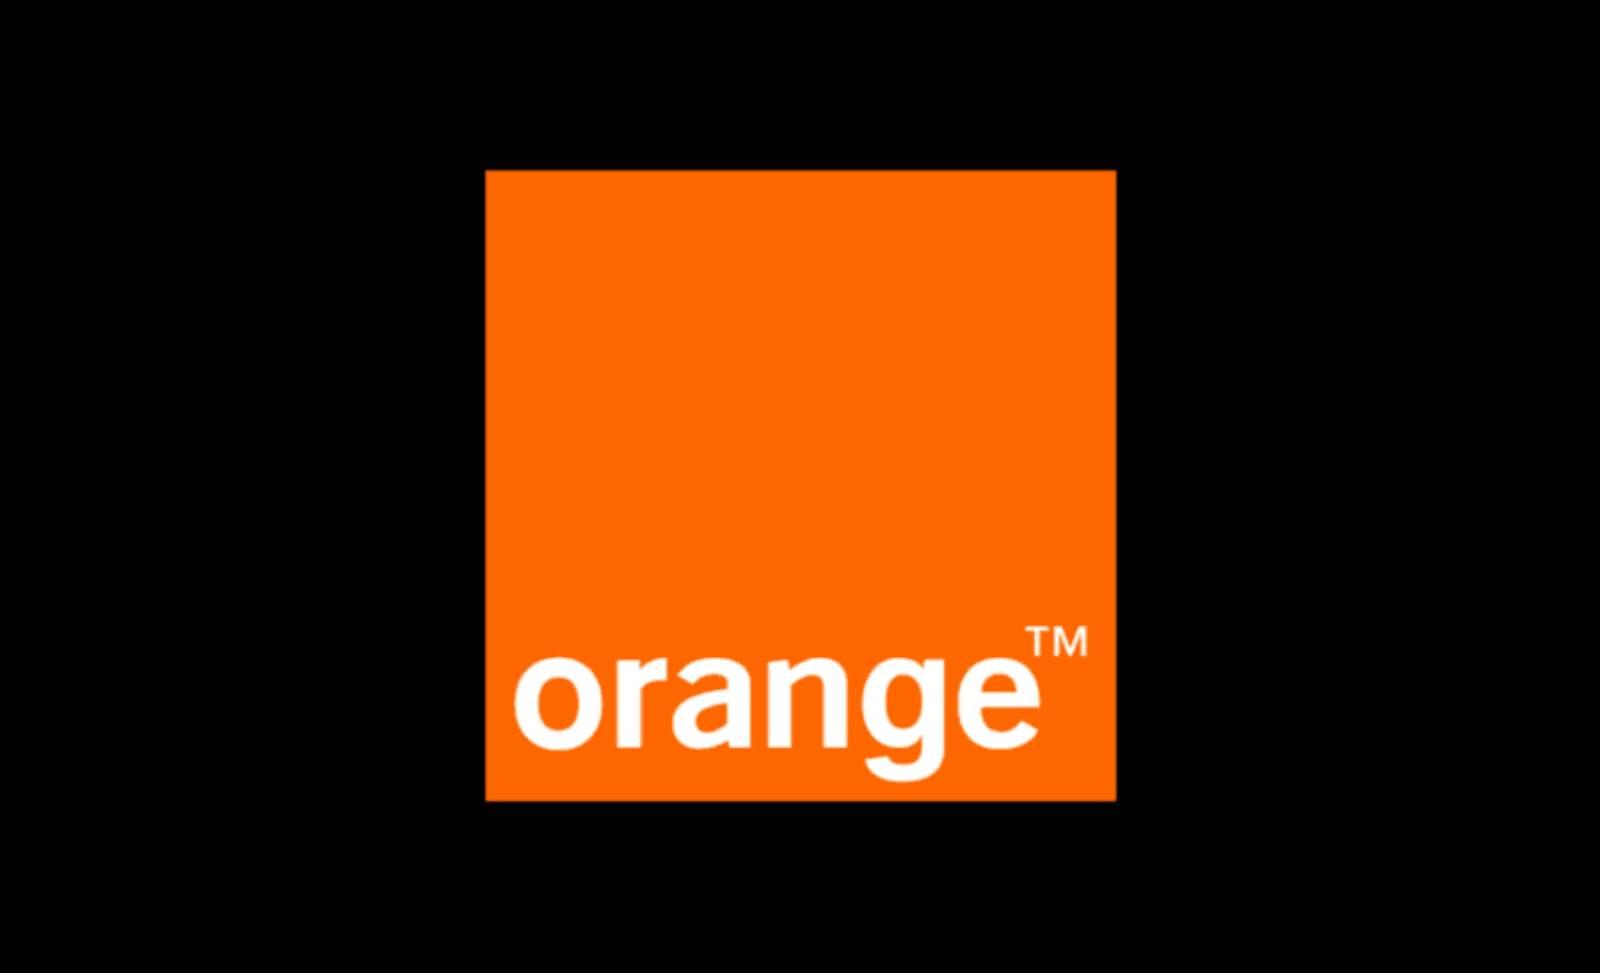 Orange Profita de Craciun de Aceste Telefoane Mobile cu REDUCERI foarte MARI